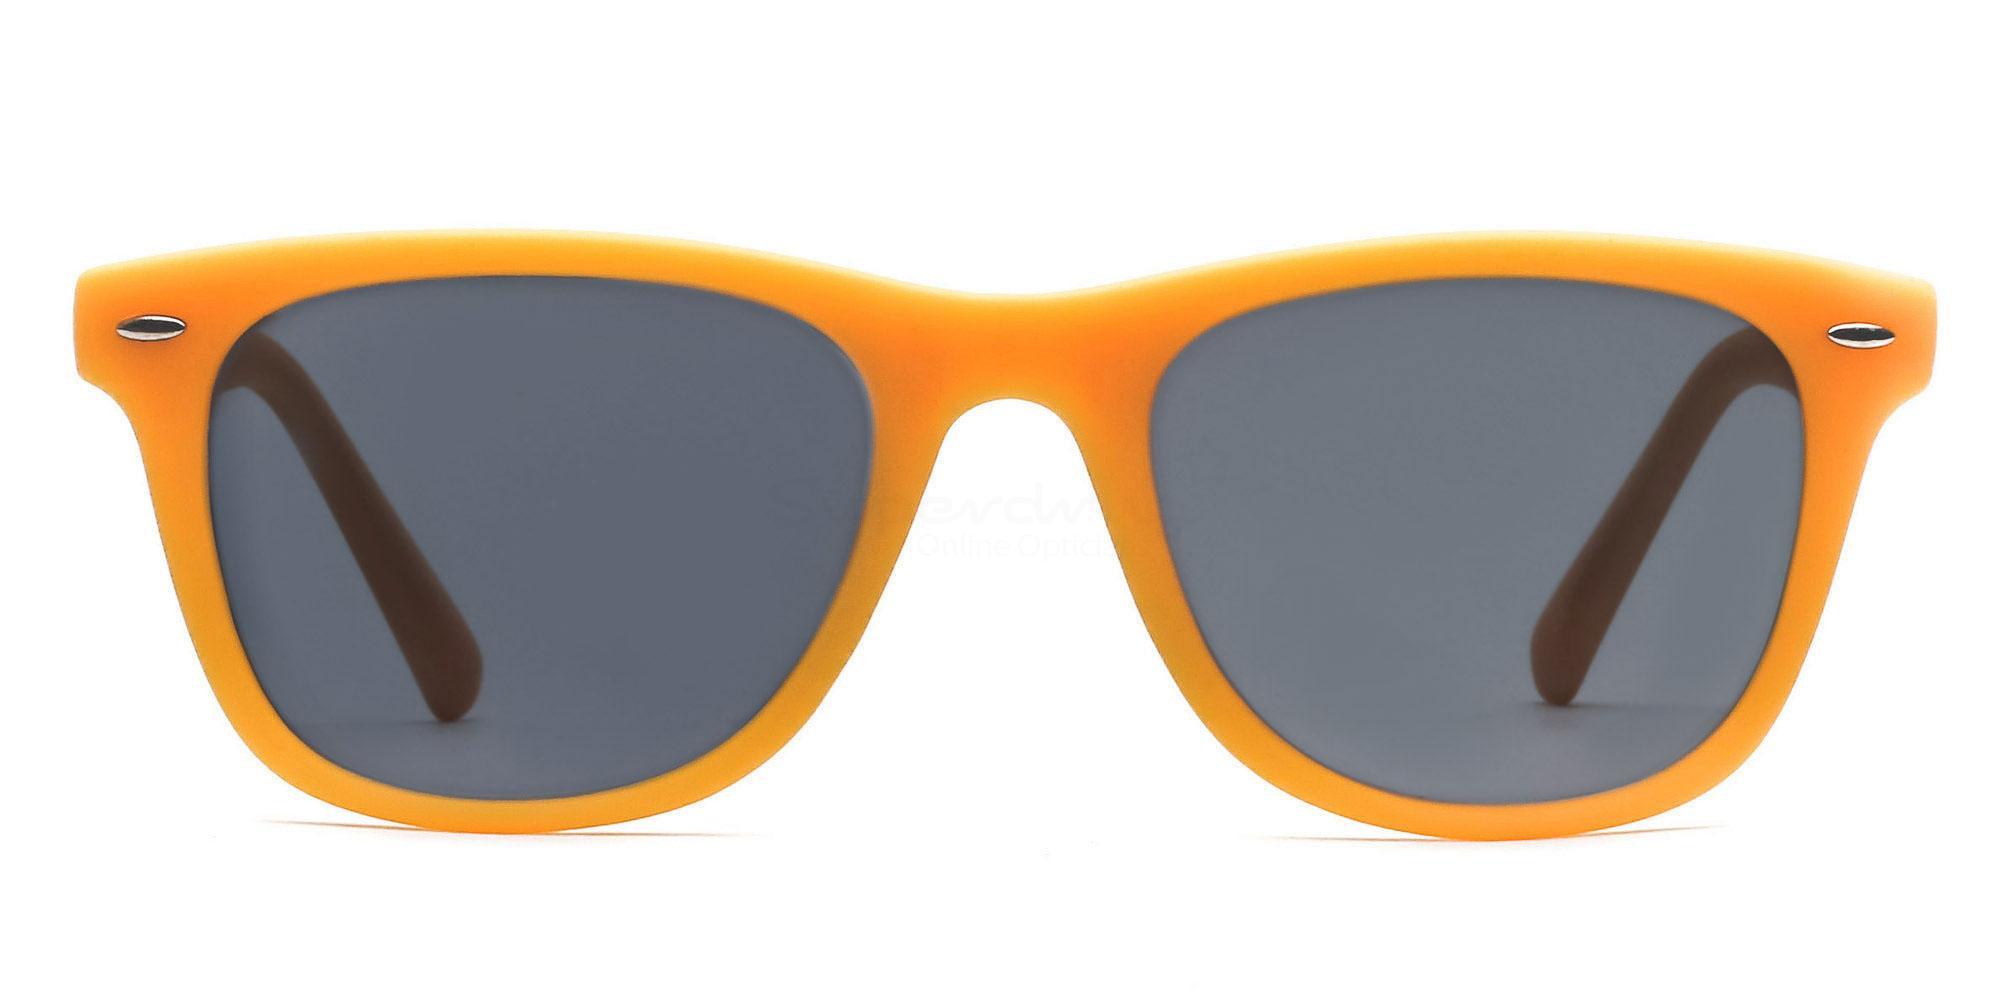 C2 8121 - Yellow (Sunglasses) Sunglasses, Helium